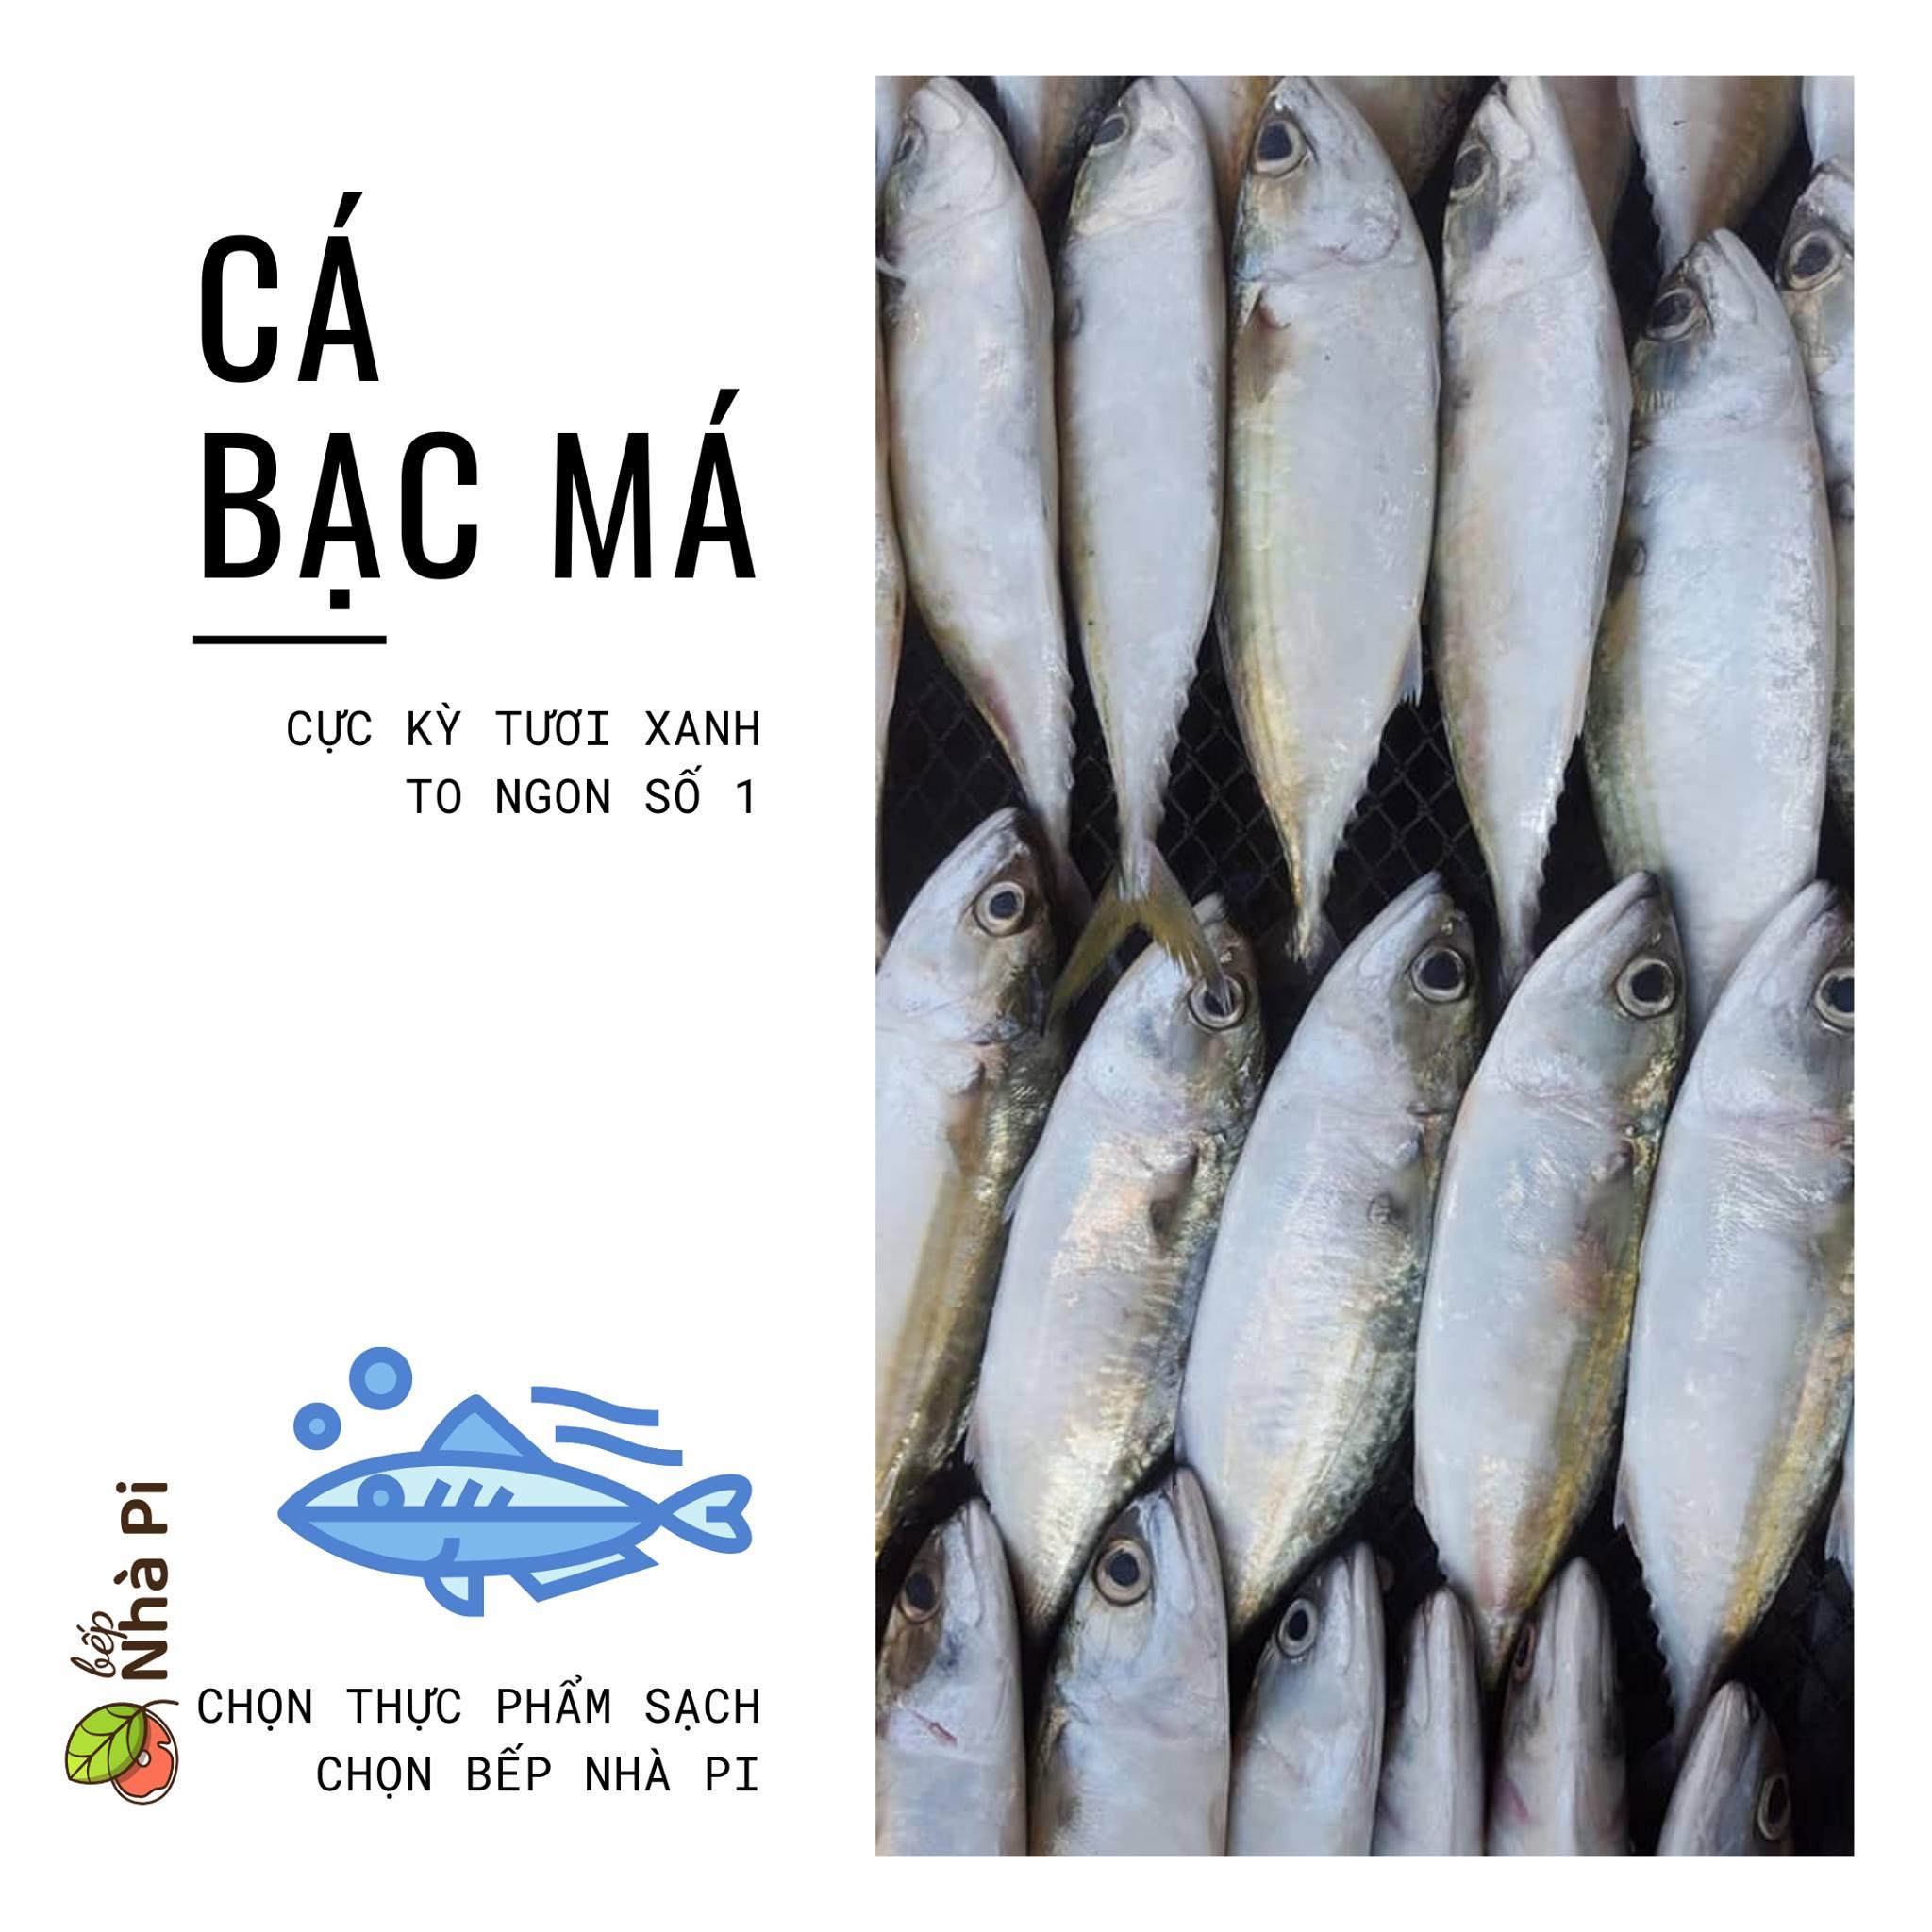 Cá bạc má giàu dinh dưỡng   bếp nhà pi   bepnhapi.com